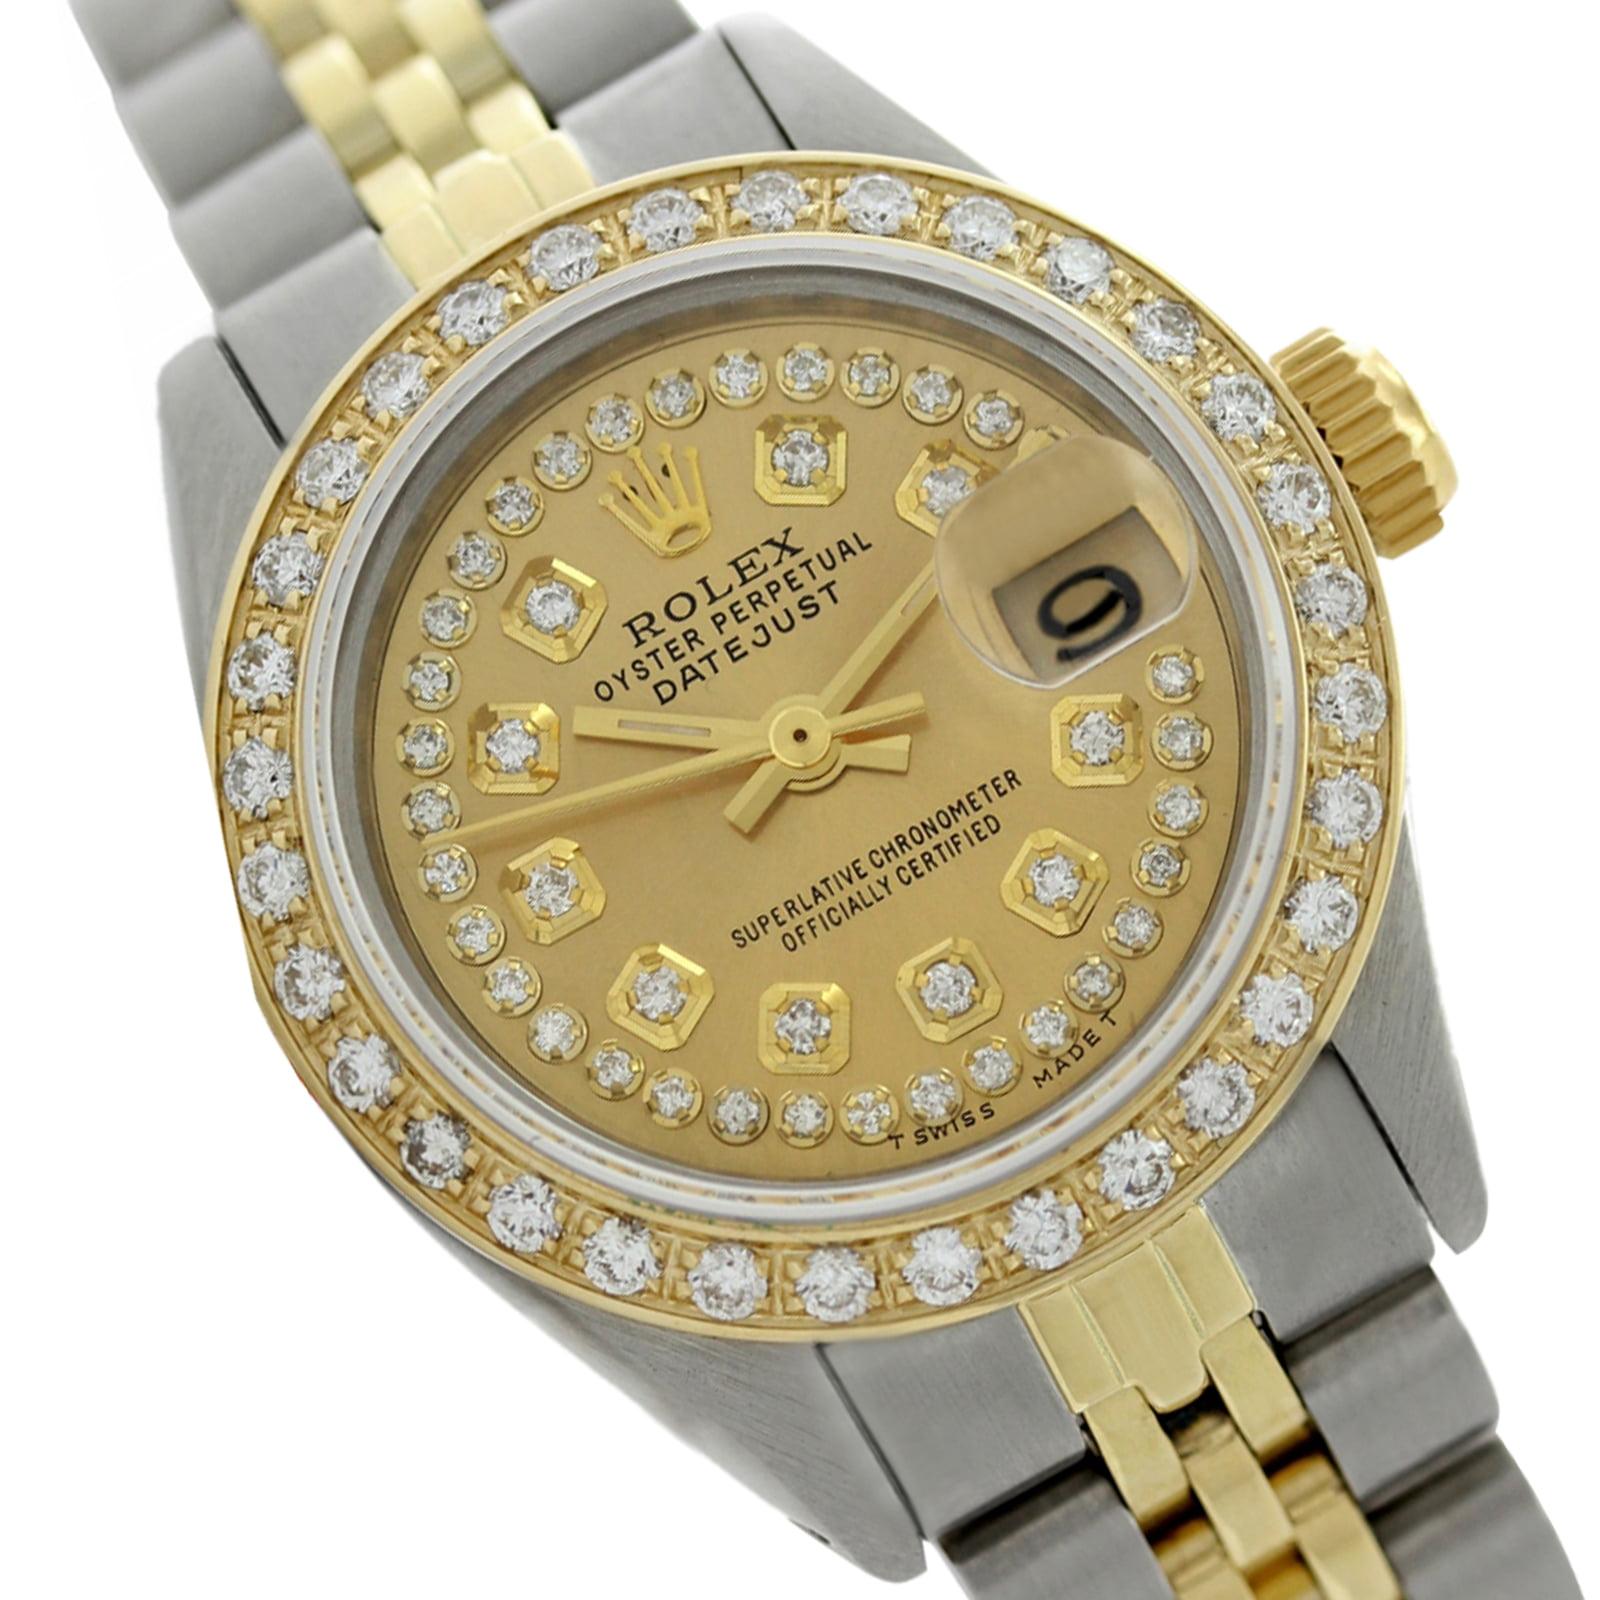 eddd980a5f0 Rolex - Rolex Ladies Datejust Champagne Diamond Dial & Bezel Two Tone 26mm  - Walmart.com